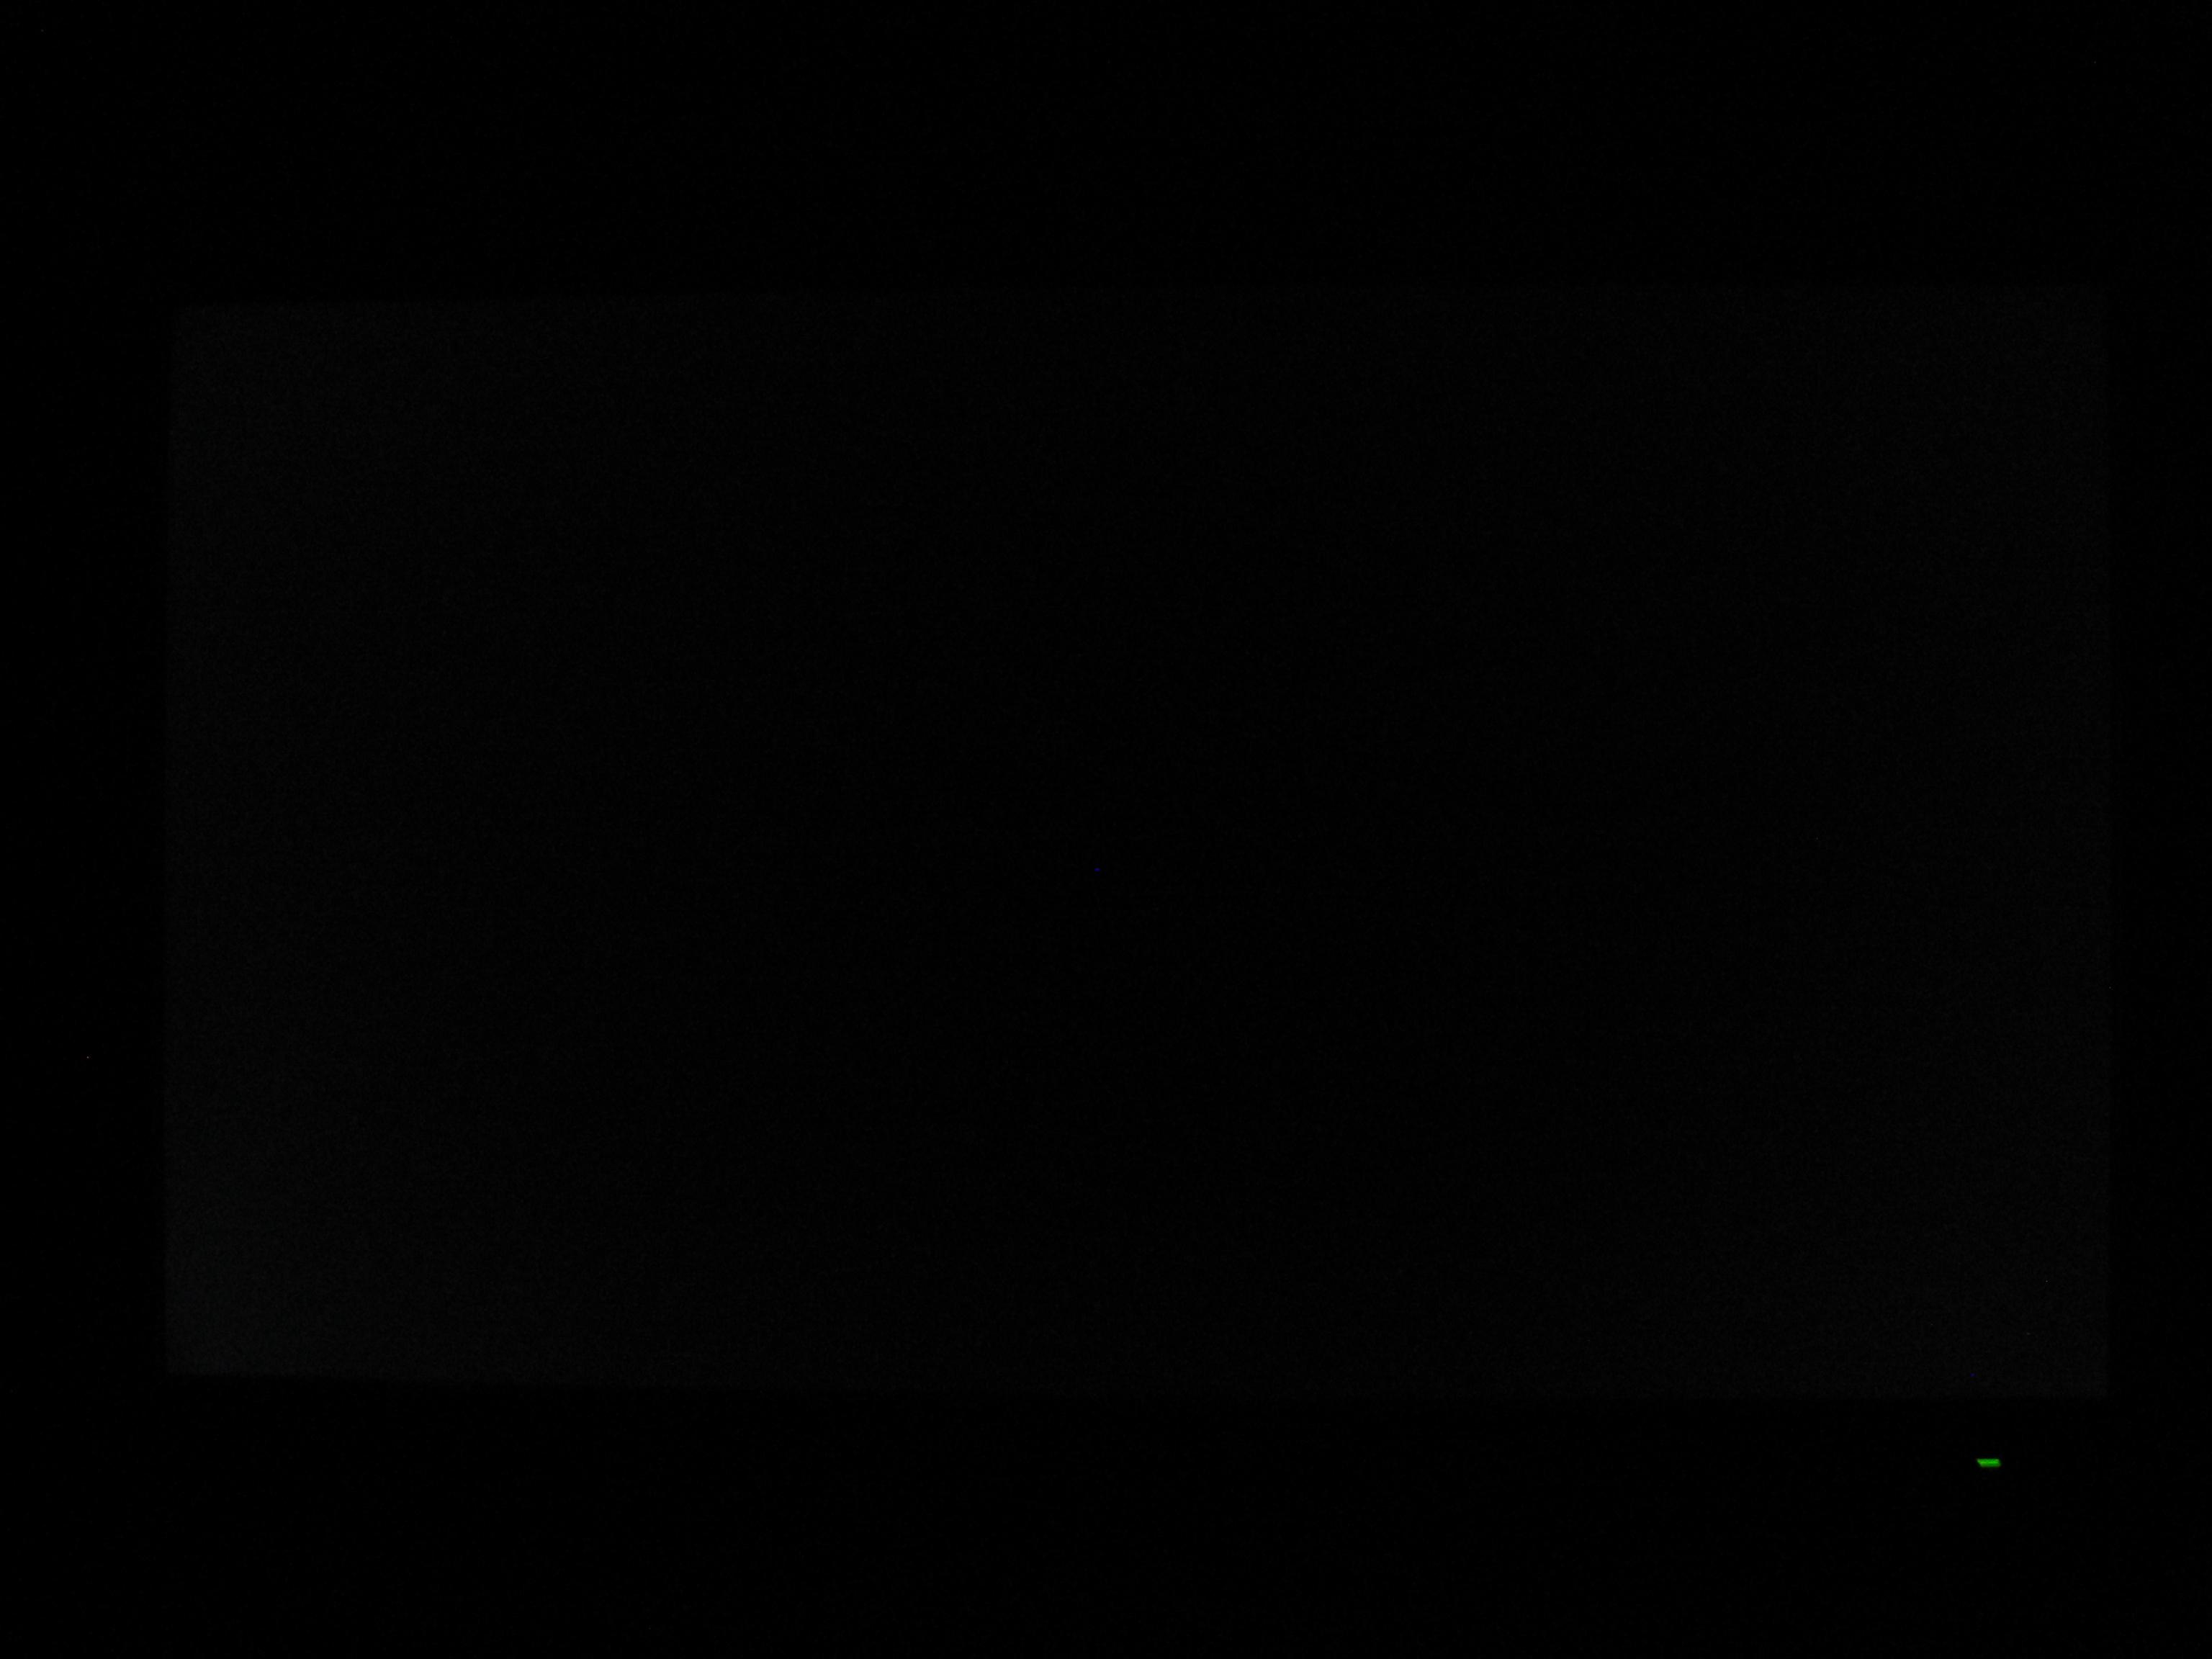 Гаджеты Регуляторы громкости для Windows 78  скачать